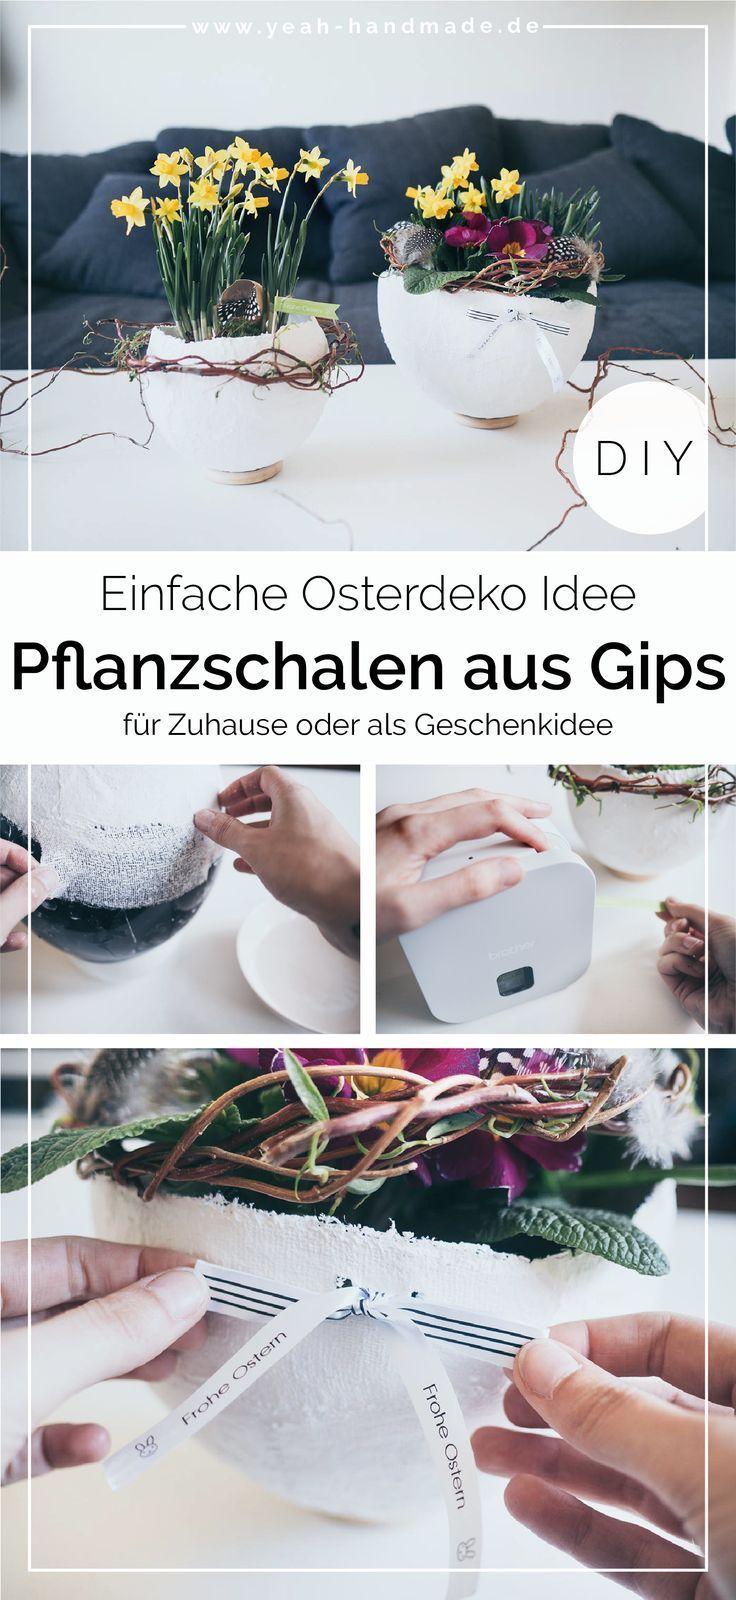 [Werbung] Blumentopf aus Gips selber machen als Oster Deko mit Brother • Yeah Handmade